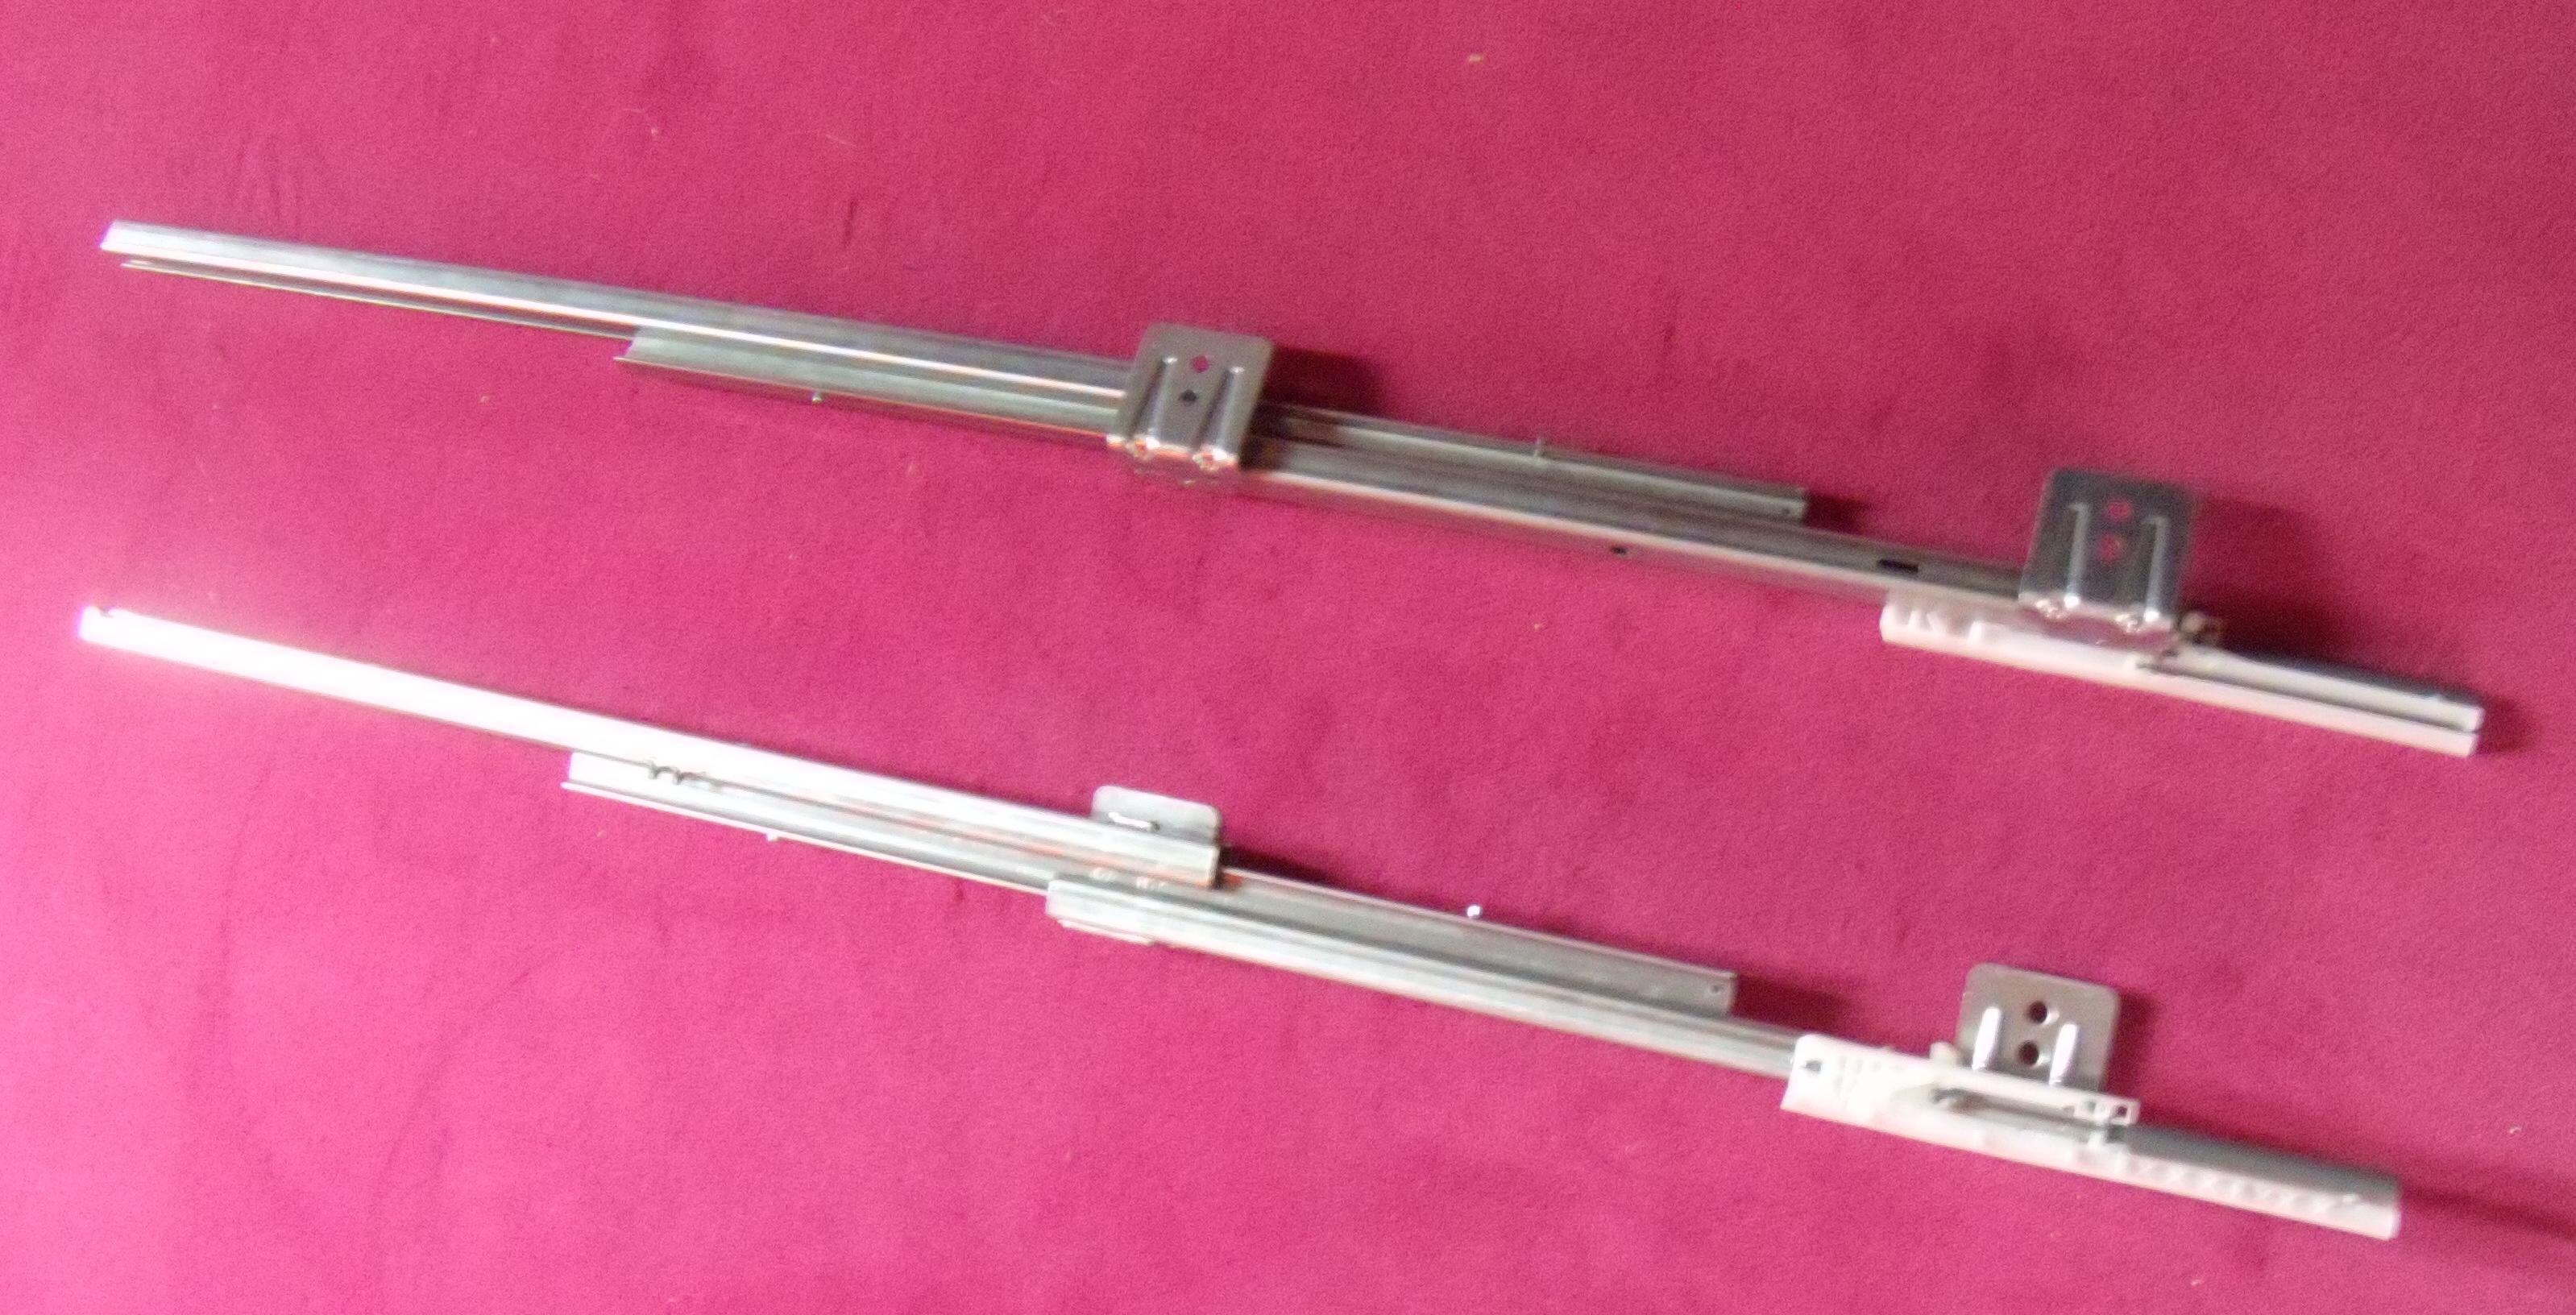 troc de troc coulisse pour tiroir avec system silencieux (frein). * neuves image 0